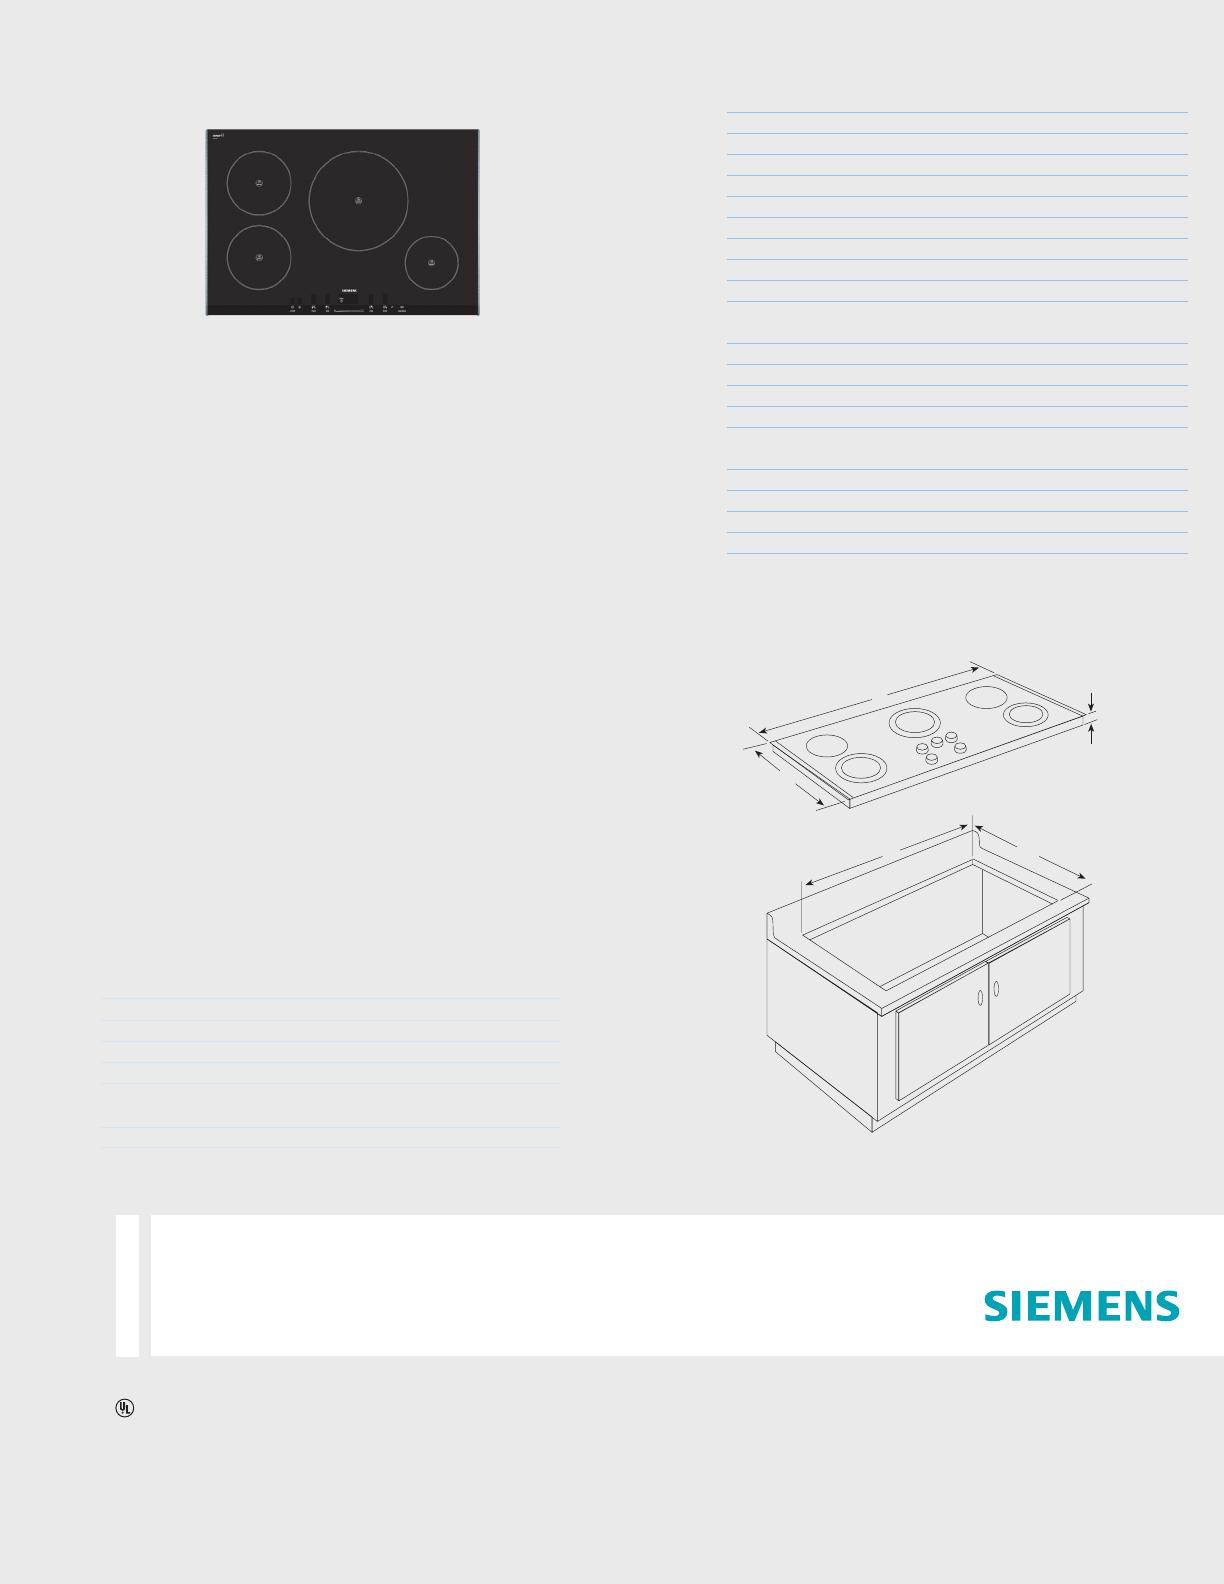 siemens cooktop eh7752uc user guide manualsonline com rh kitchen manualsonline com Siemens Technical Manuals Siemens User Manual